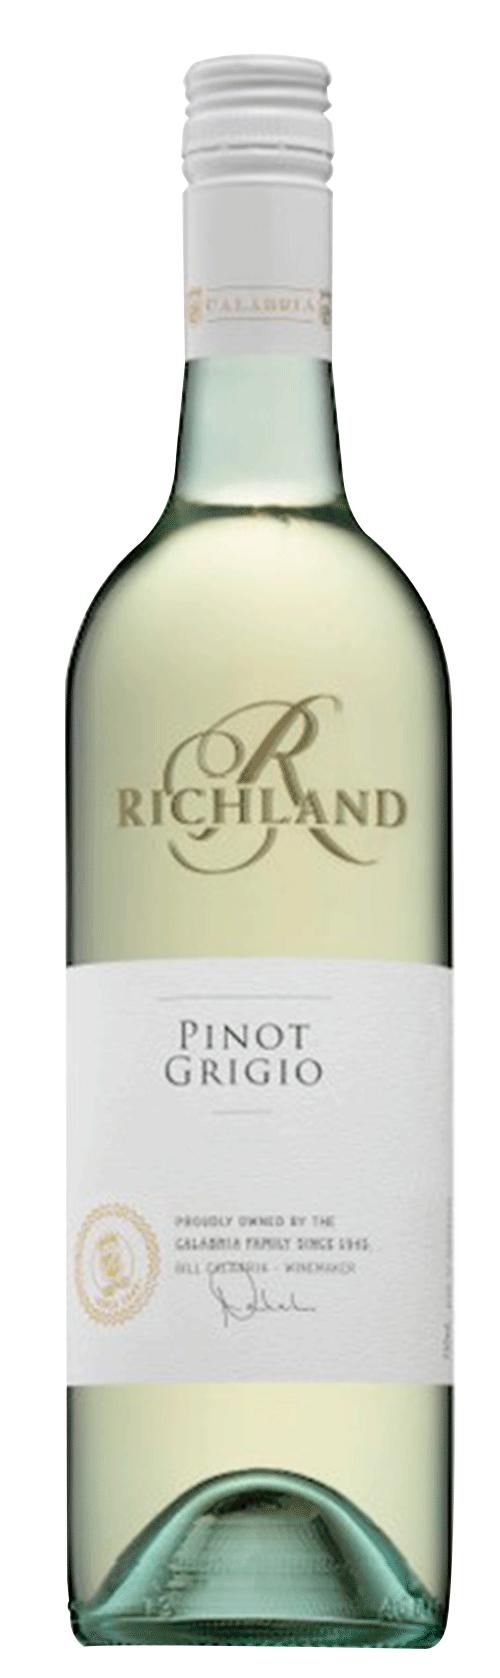 Richland Pinot Grigio 2014